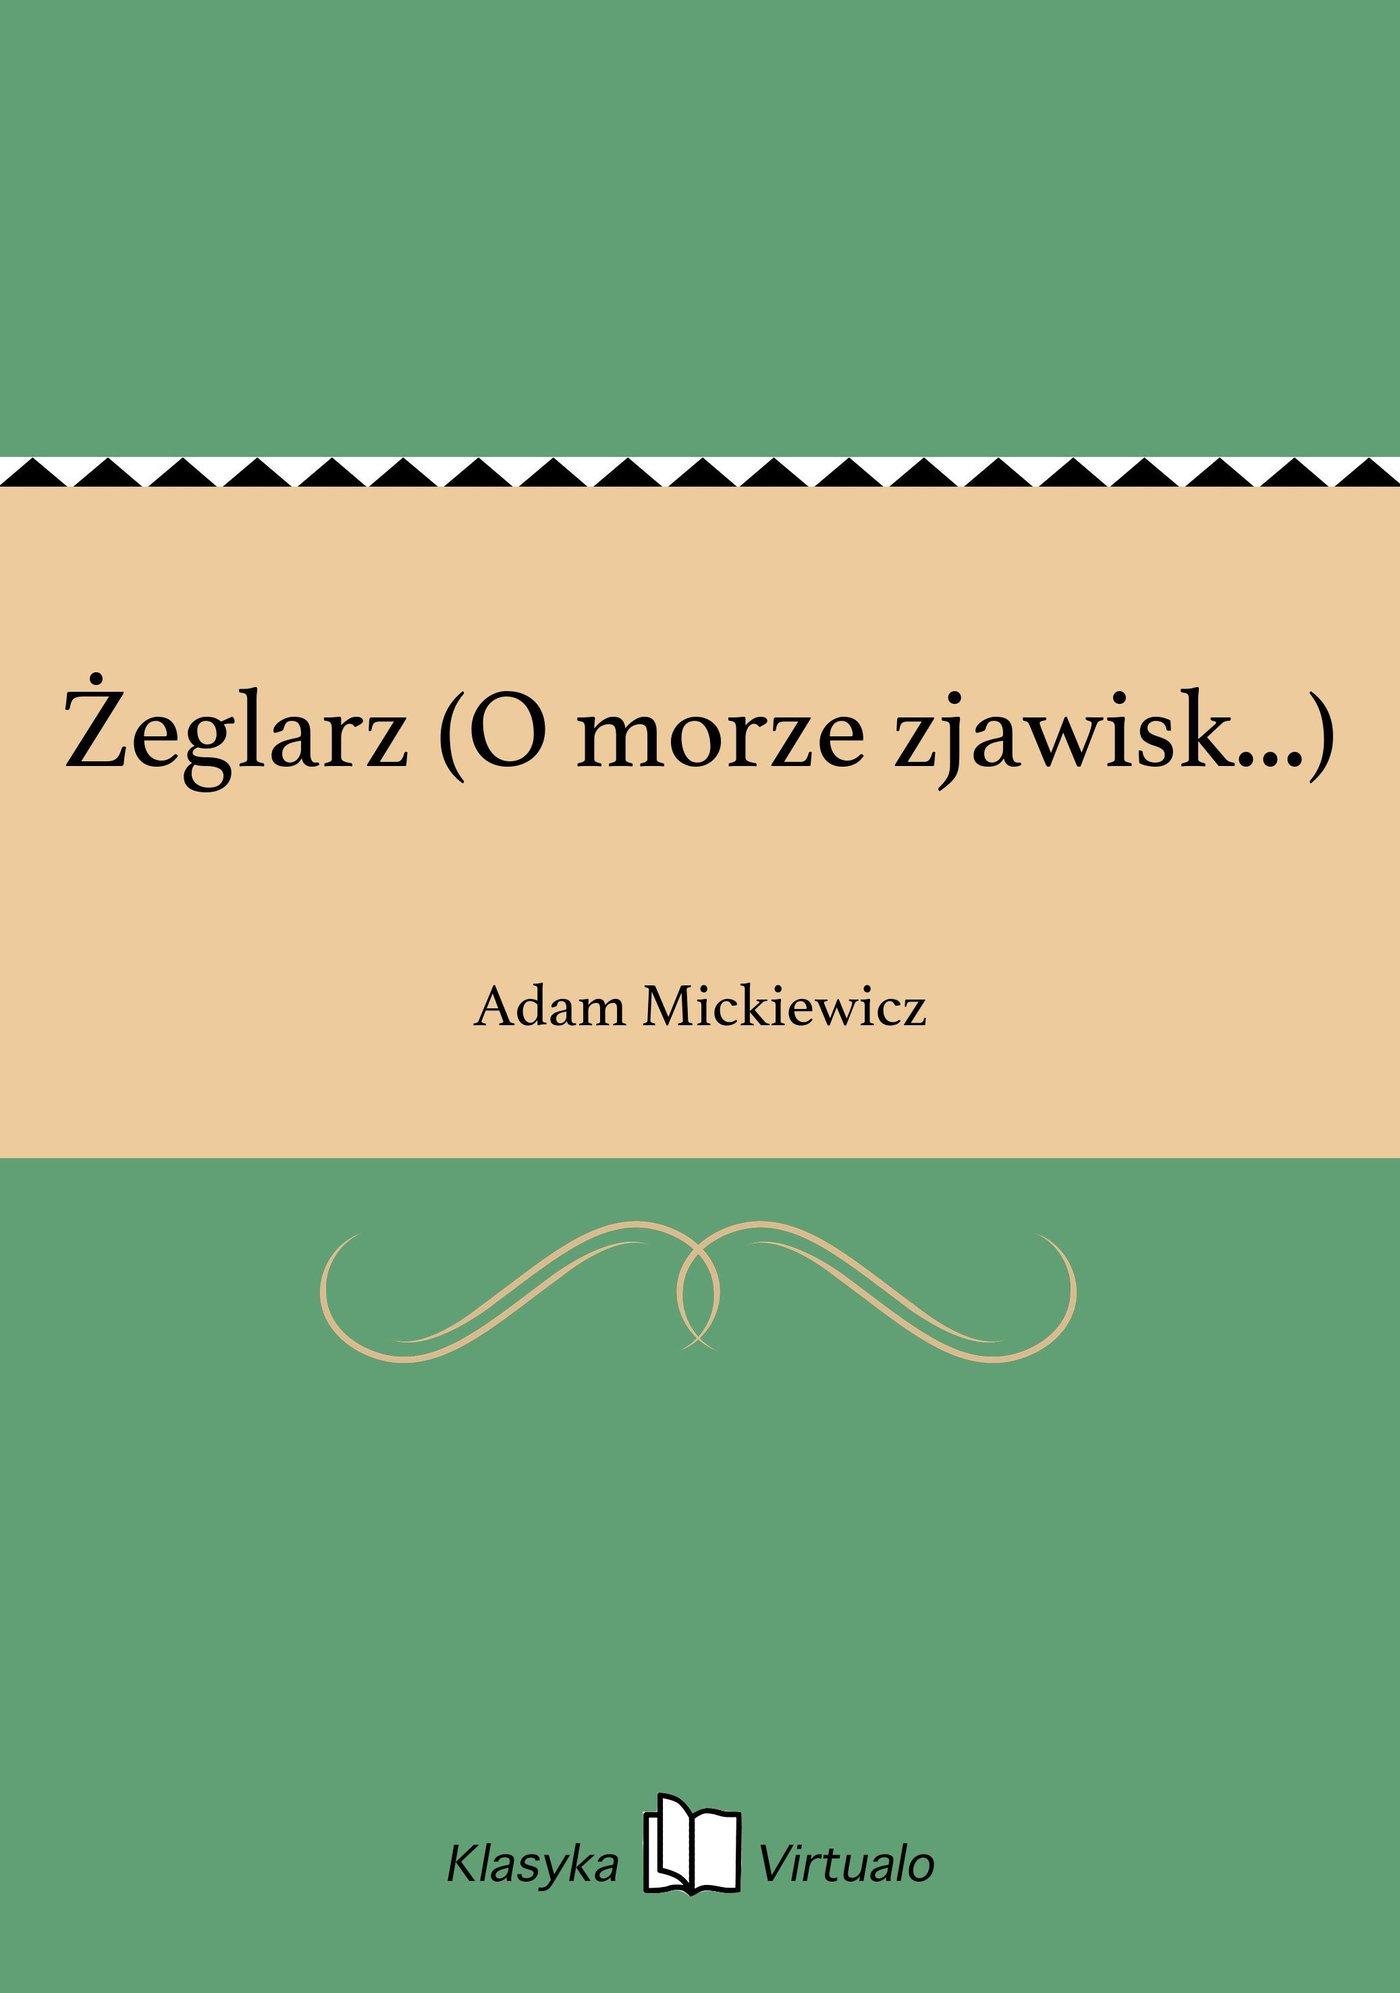 Żeglarz (O morze zjawisk...) - Ebook (Książka EPUB) do pobrania w formacie EPUB